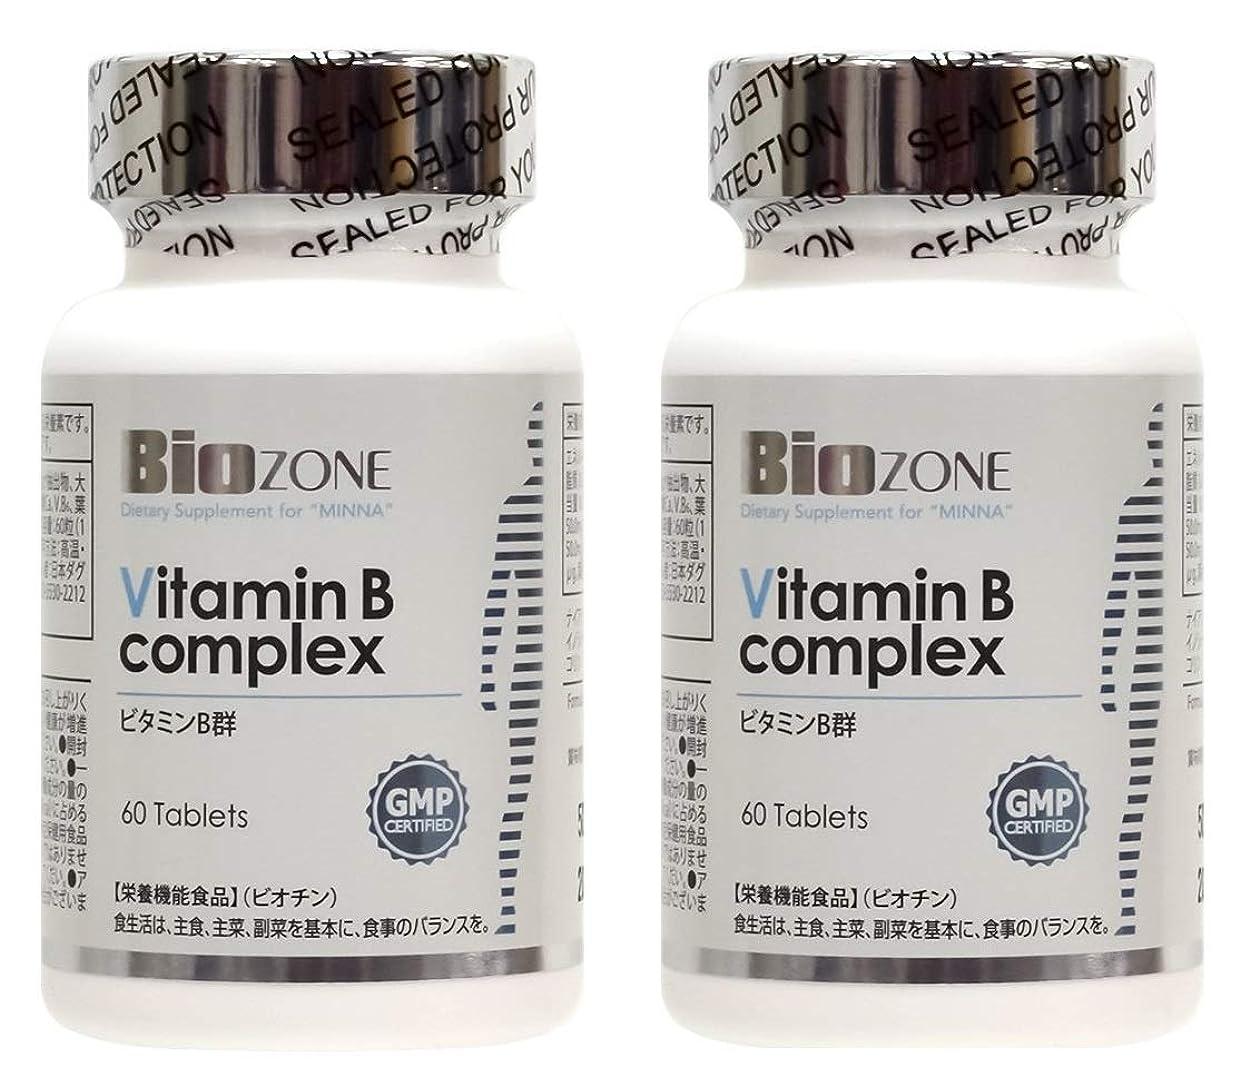 レザー必須ピーブダグラスラボラトリーズ バイオゾーン ビタミンBコンプレックス 60粒 約30日分 サプリメント  ビタミンB1 B2 B6 B12 パンテトン酸 ビオチン 葉酸 (2)